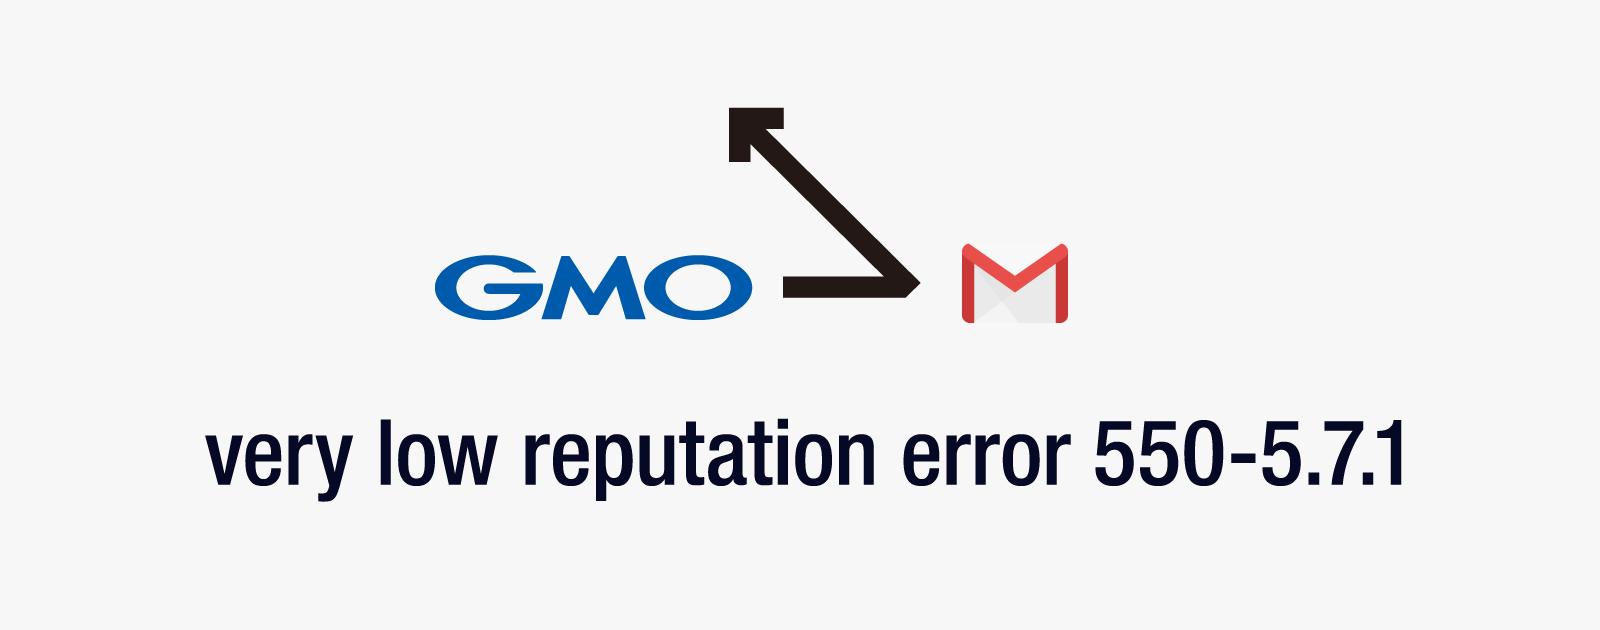 GMO系列のホスティングサービスでGmailへメールが送信できない不具合が発生中